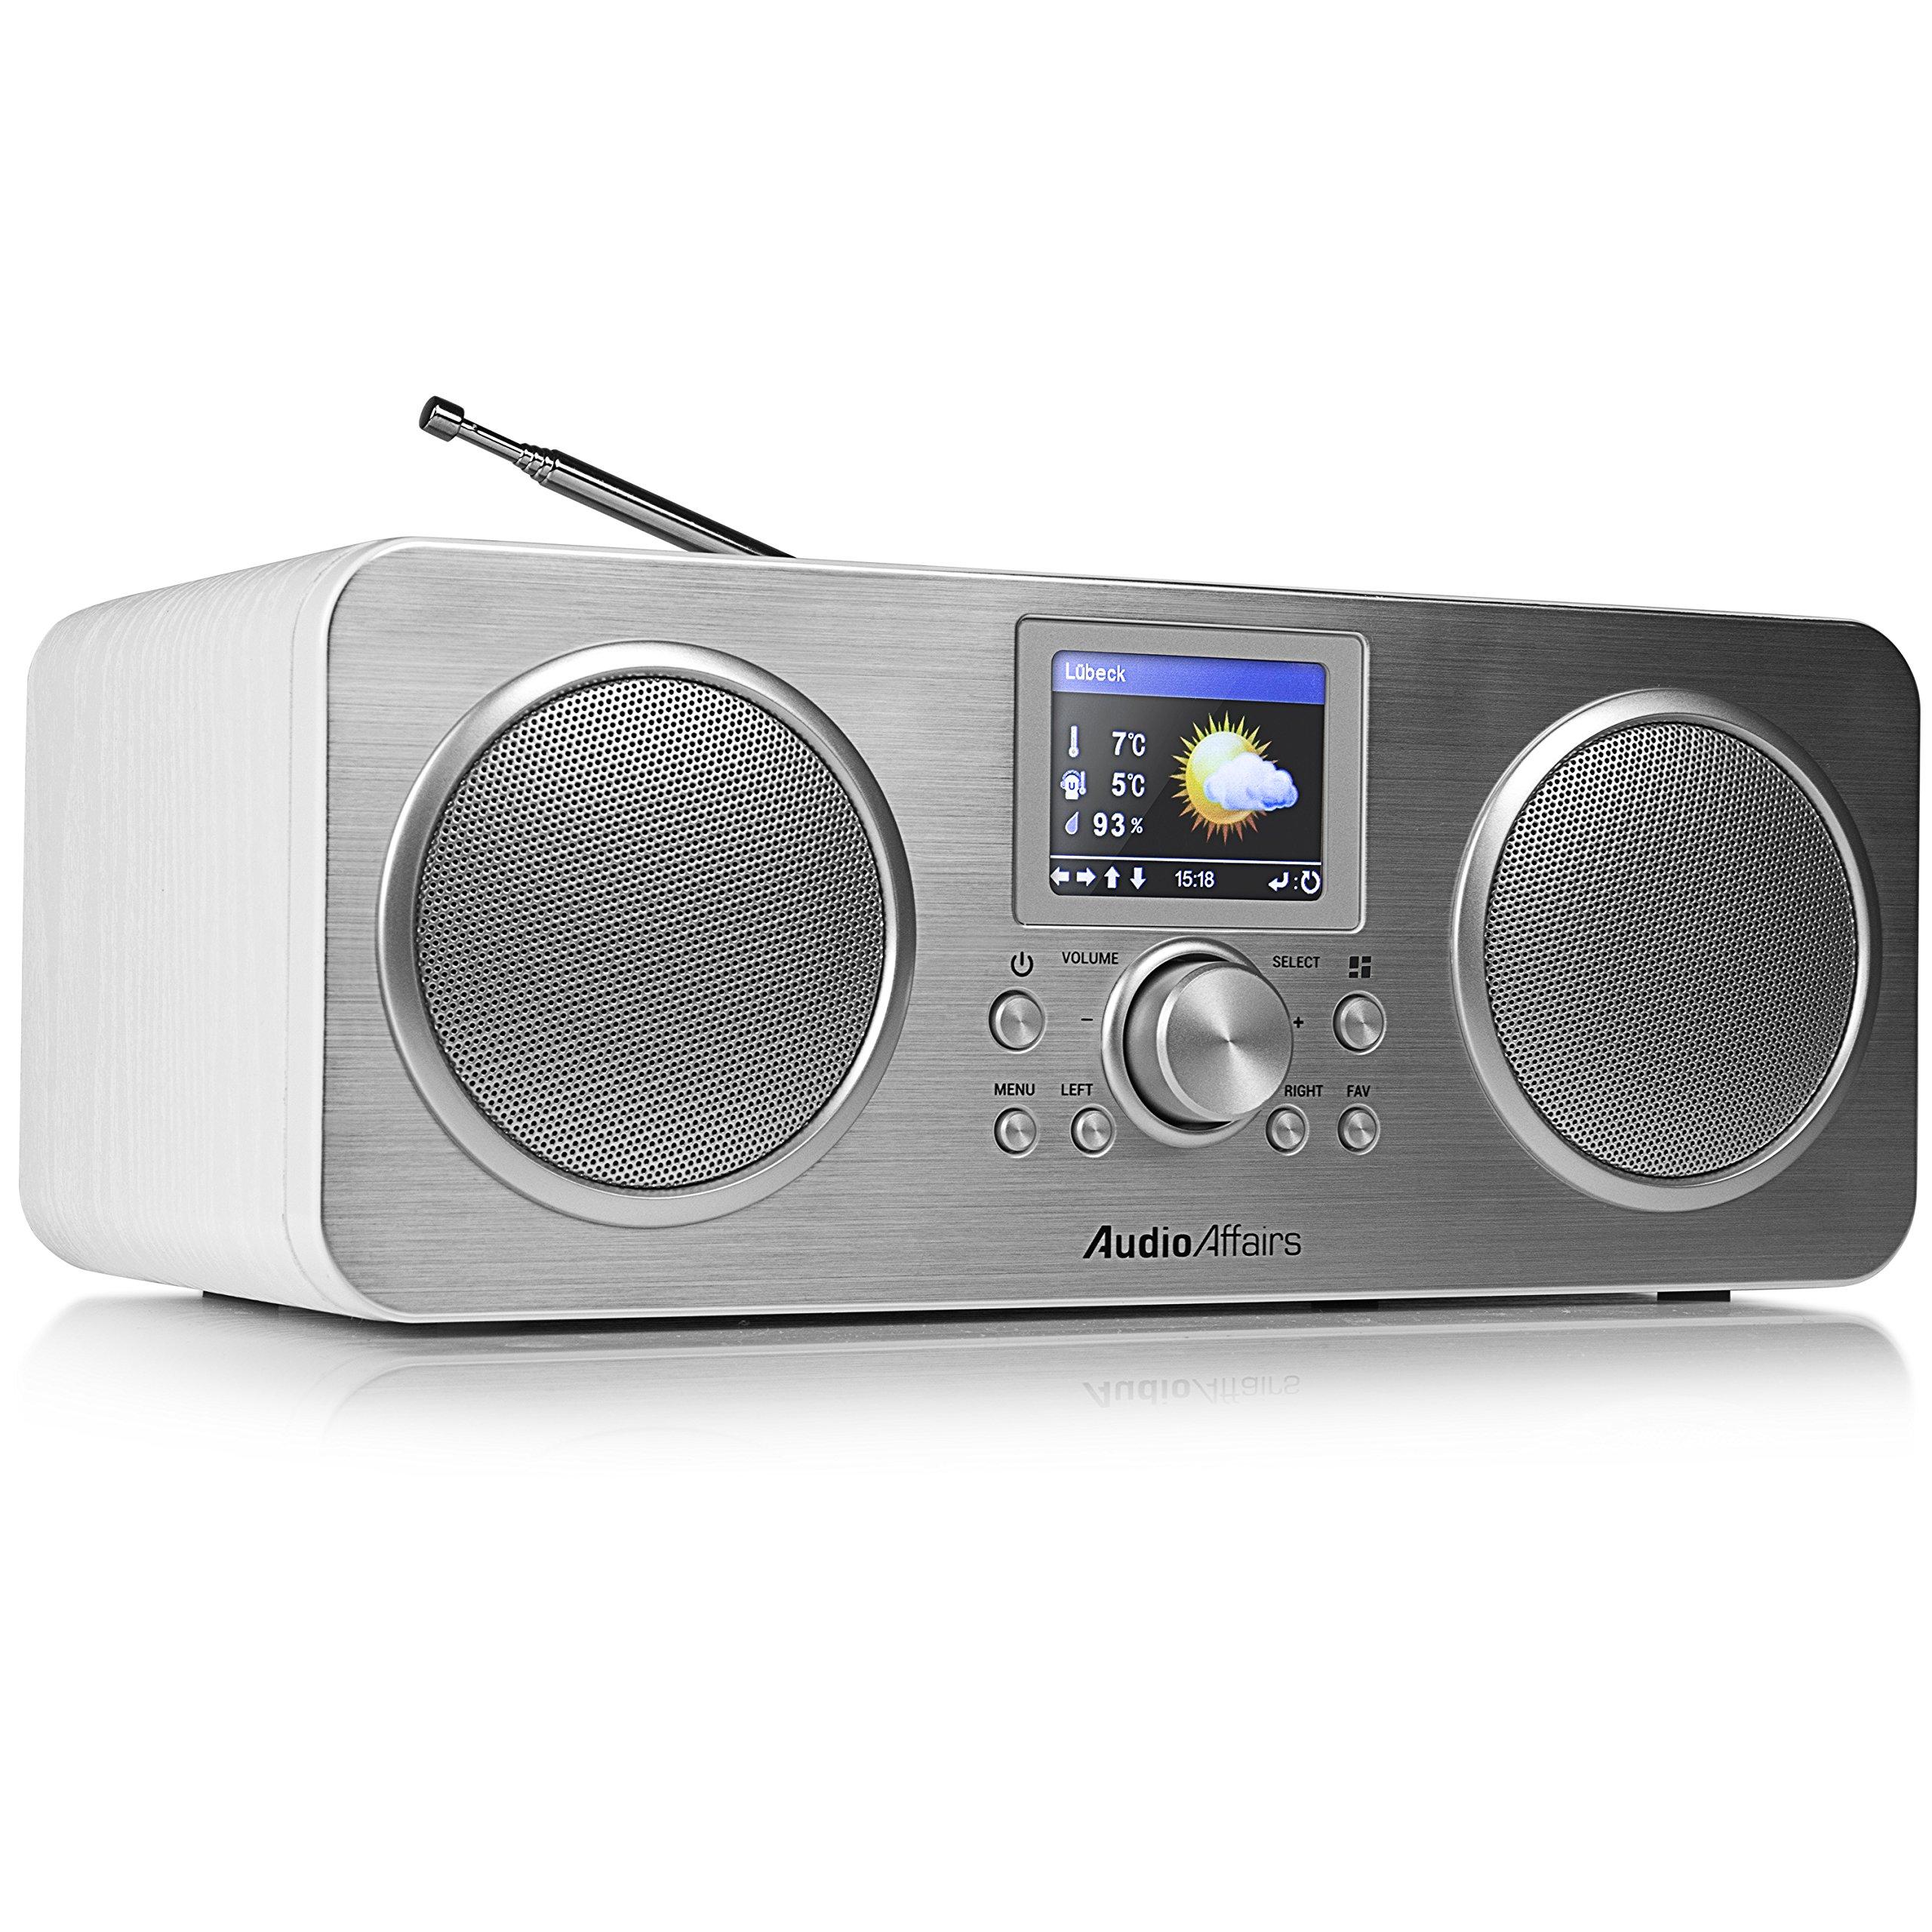 AudioAffairs Portables Internetradio mit eingebautem Lithium-Ionen Akku und  Bluetooth  DAB, Digitalradio mit Wecker & Akku  WLAN Küchenradio